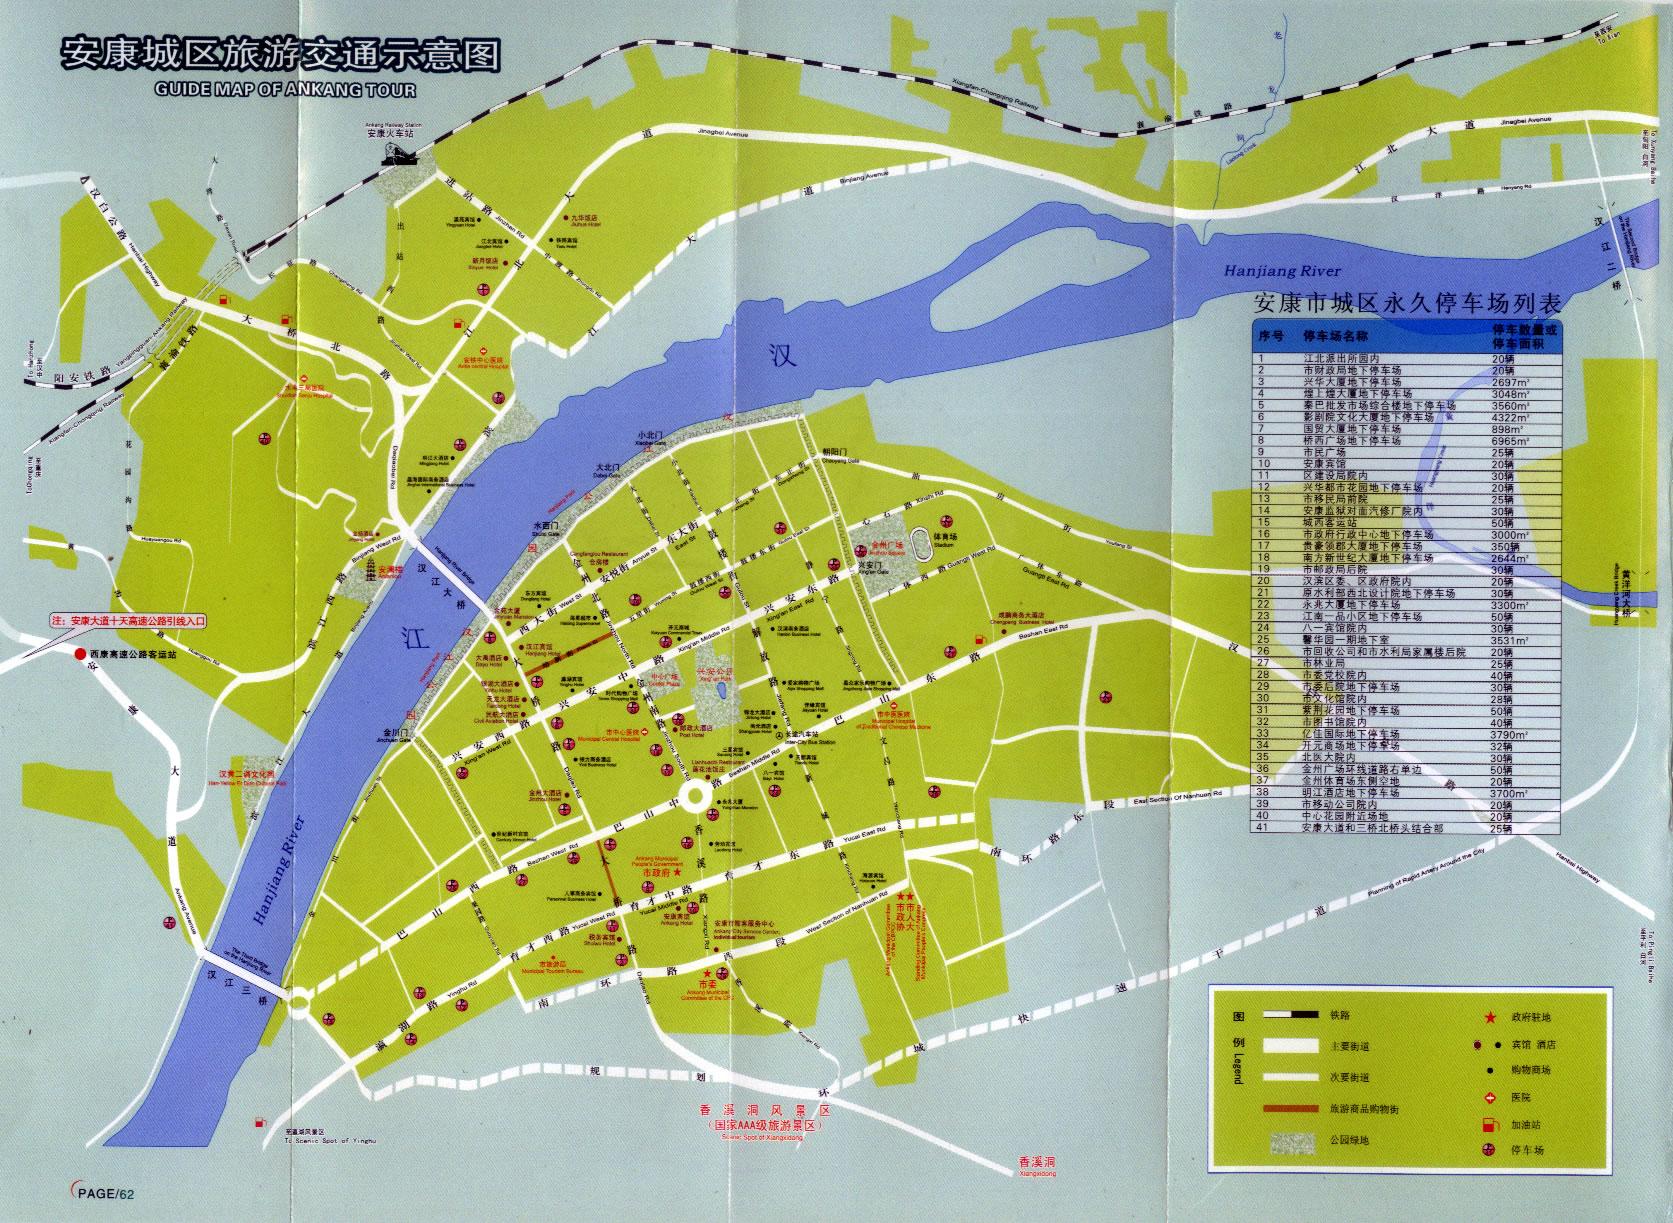 安康城区旅游交通示意图